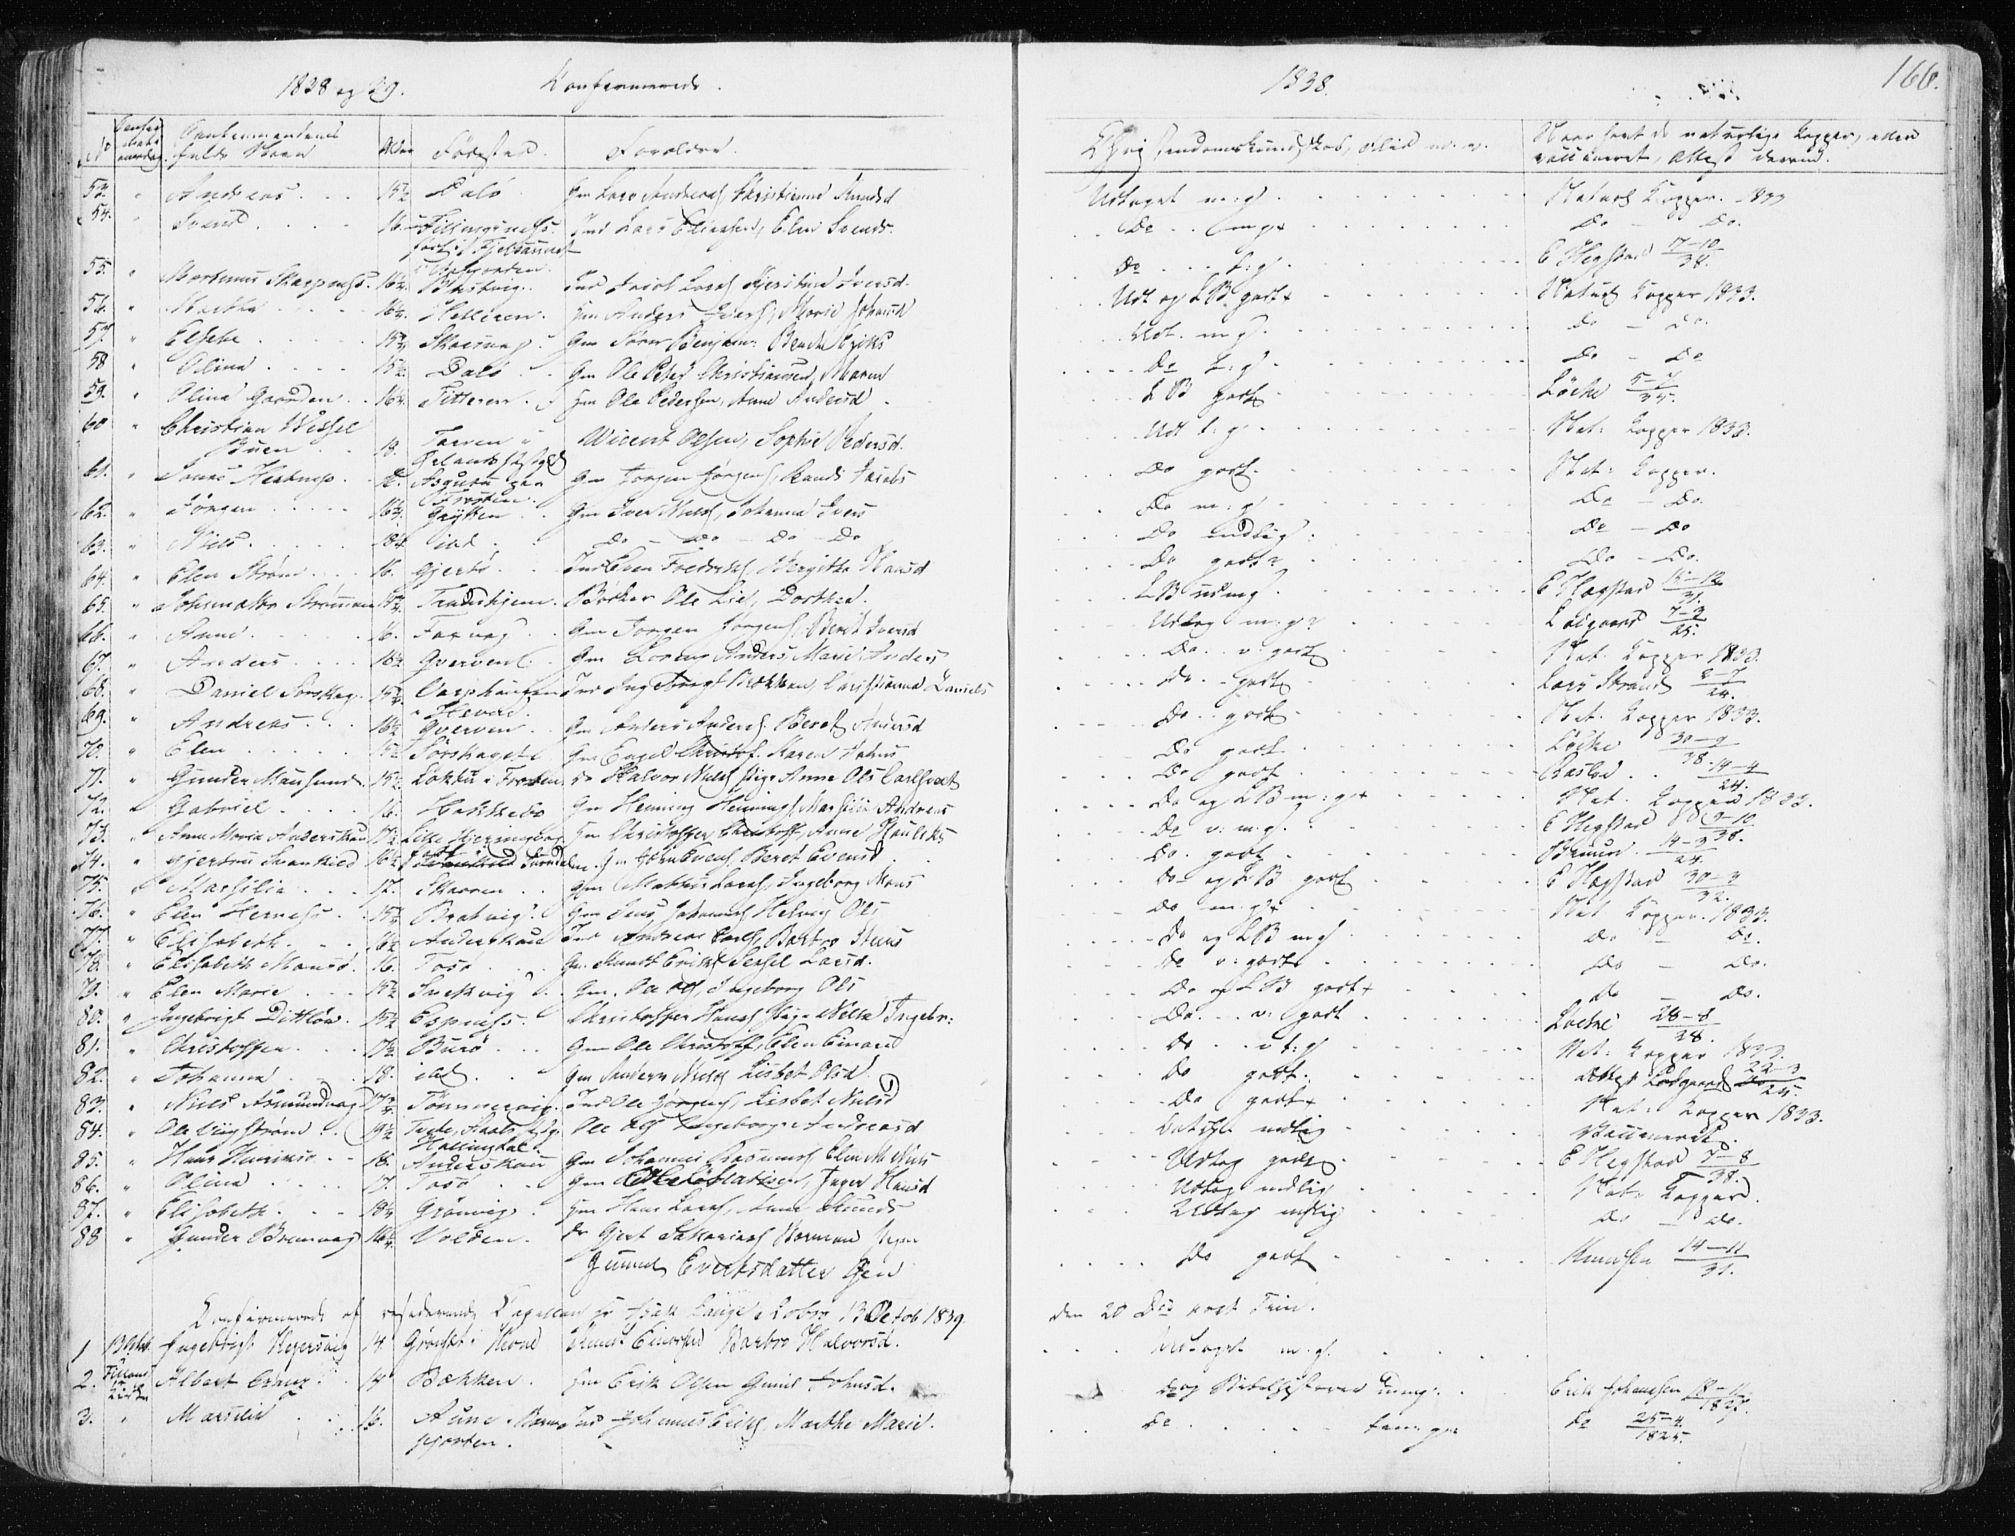 SAT, Ministerialprotokoller, klokkerbøker og fødselsregistre - Sør-Trøndelag, 634/L0528: Ministerialbok nr. 634A04, 1827-1842, s. 166